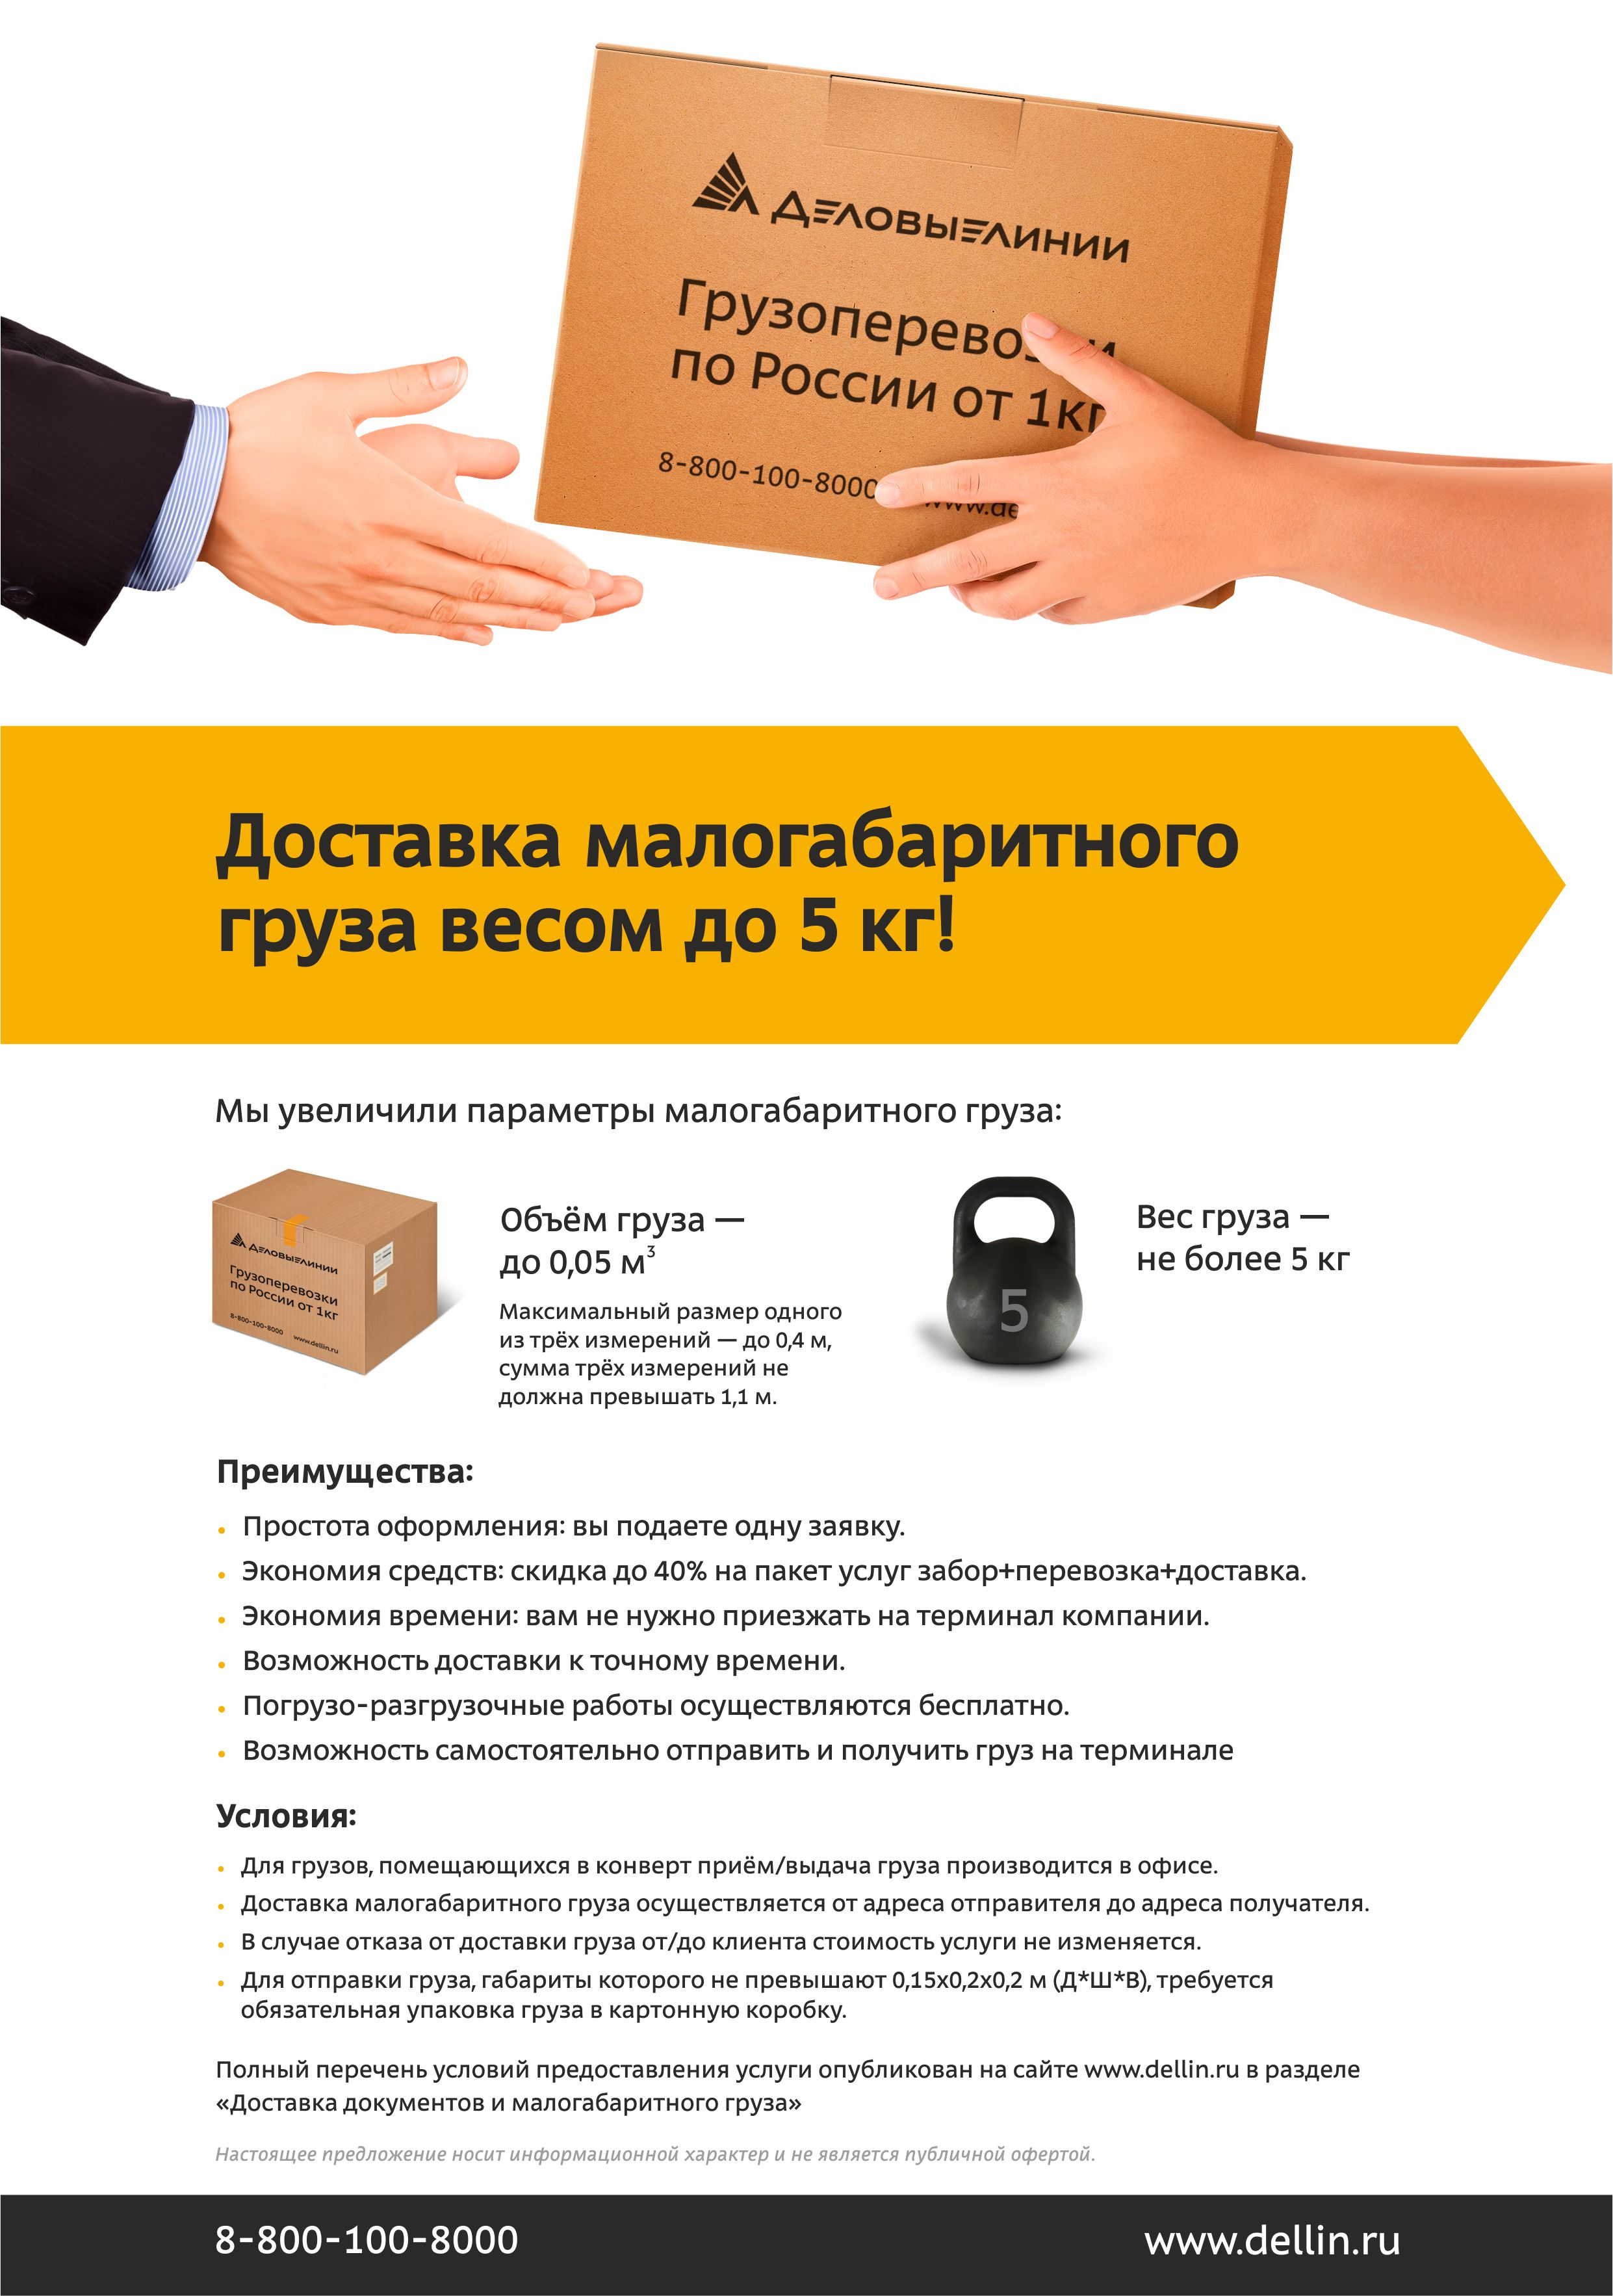 Плакат Деловые Линии «Доставка малогабаритного груза весом до 5 кг!»